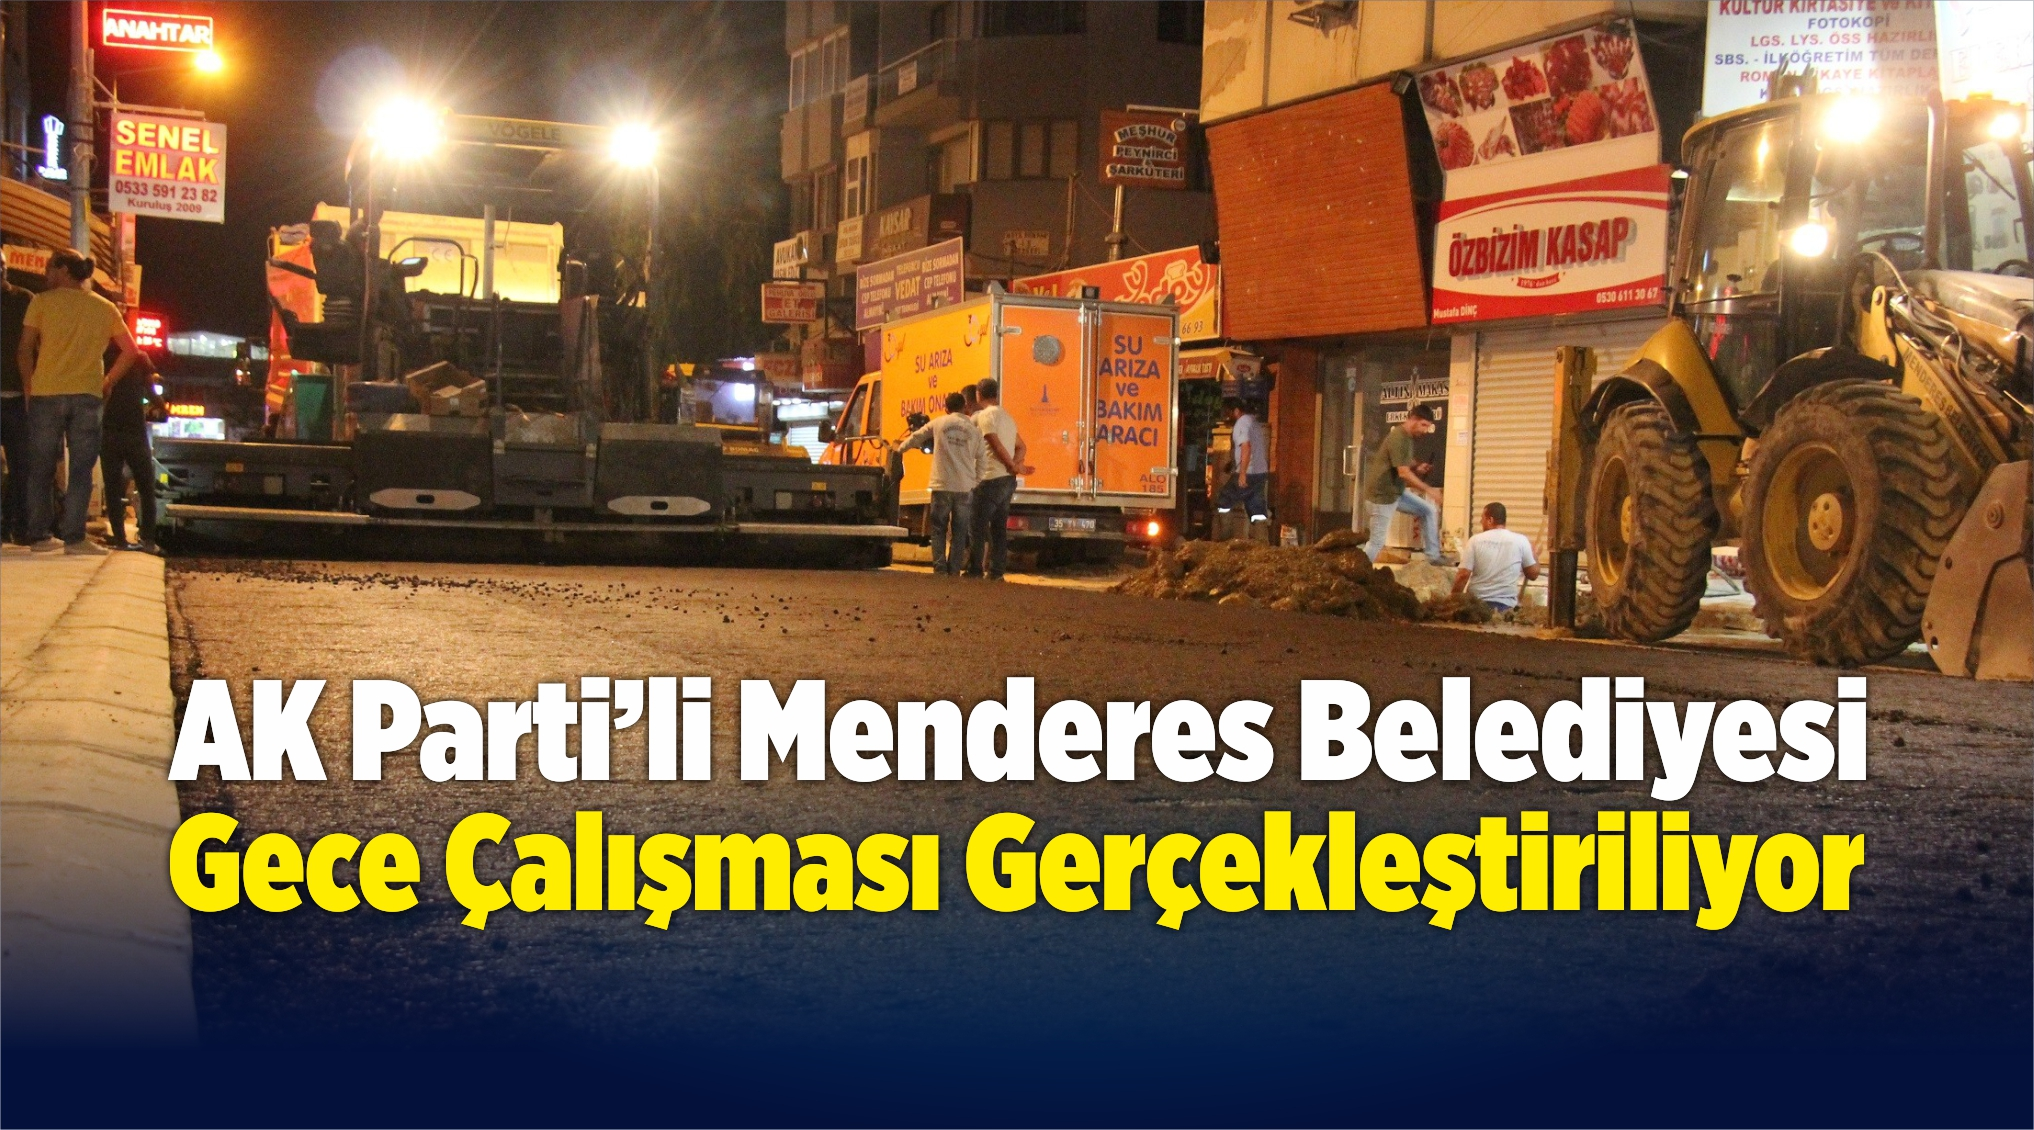 Menderes Belediyesi Gece Çalışması Gerçekleştiriliyor